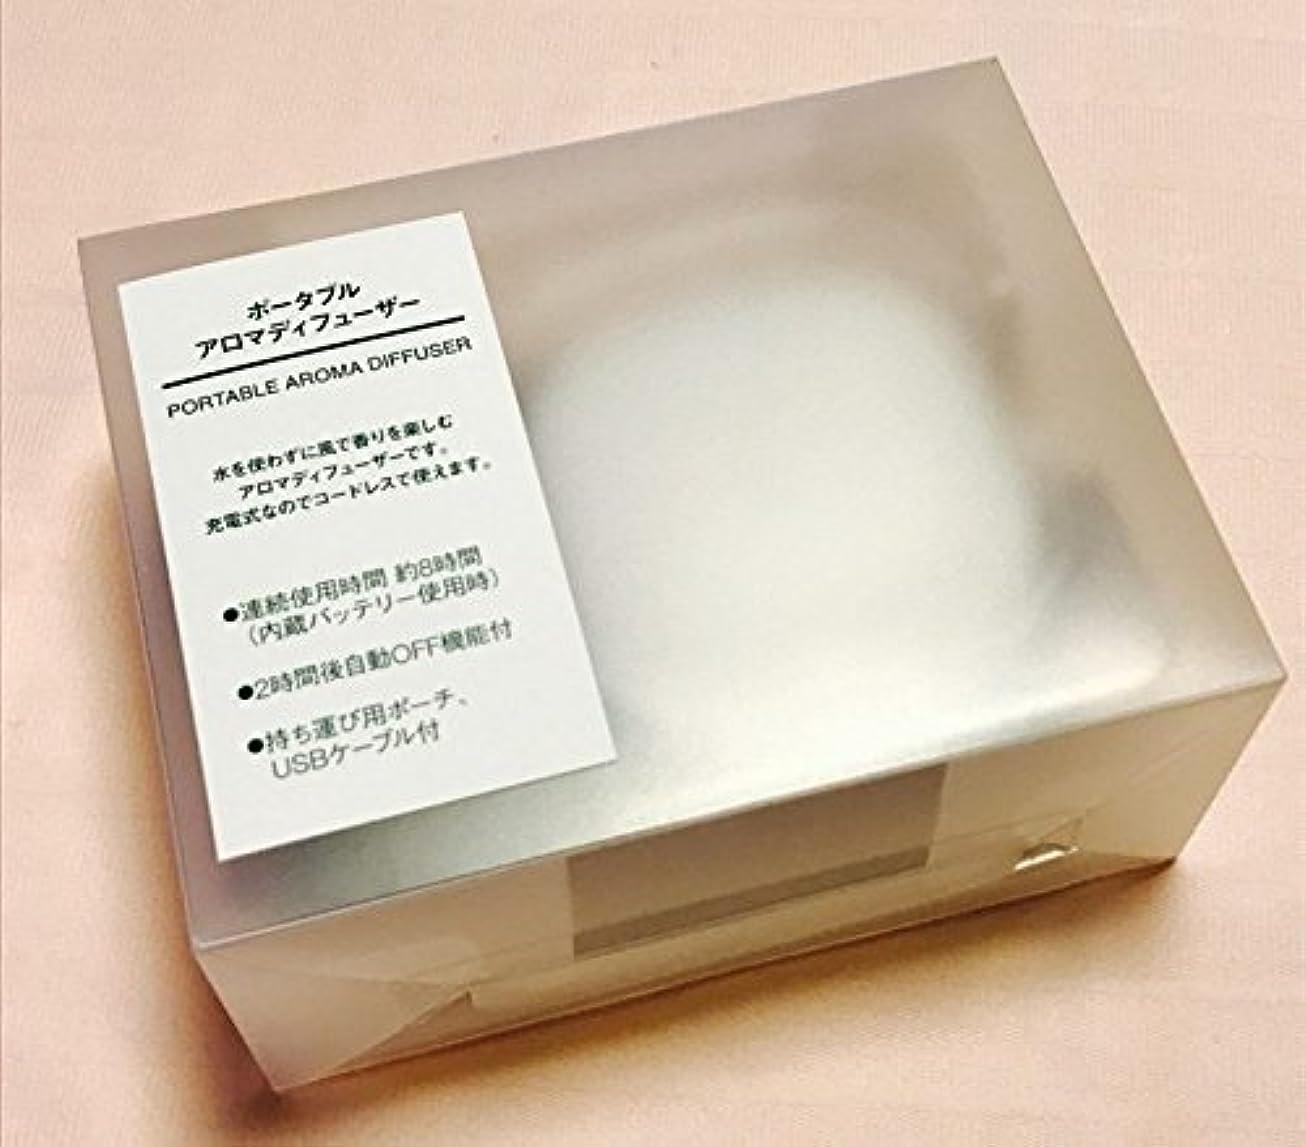 中性根拠火無印良品 ポータブルアロマディフューザー 型番:MJ‐PAD1